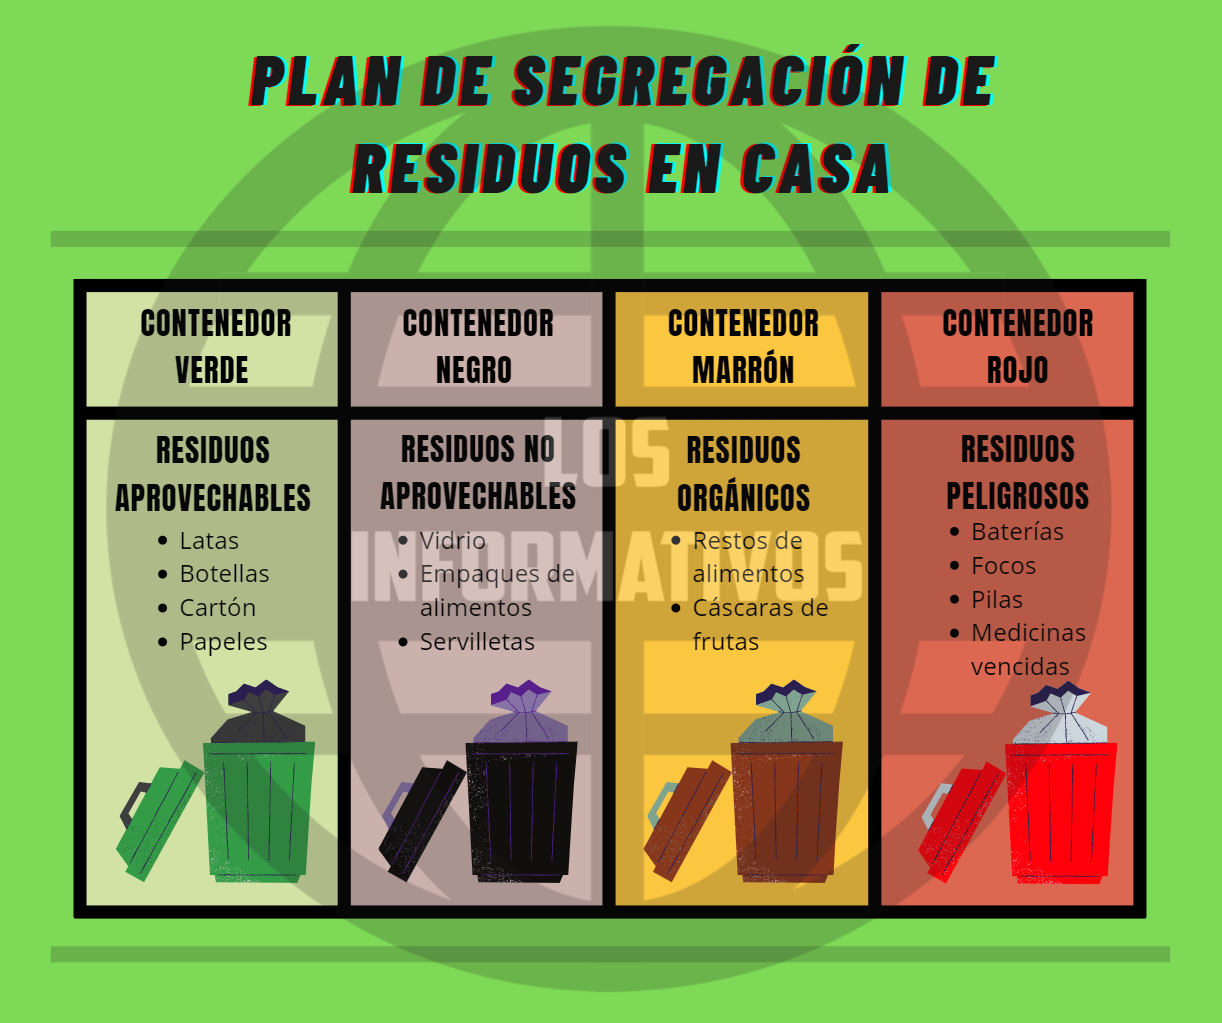 Plan de segregación de residuos en casa